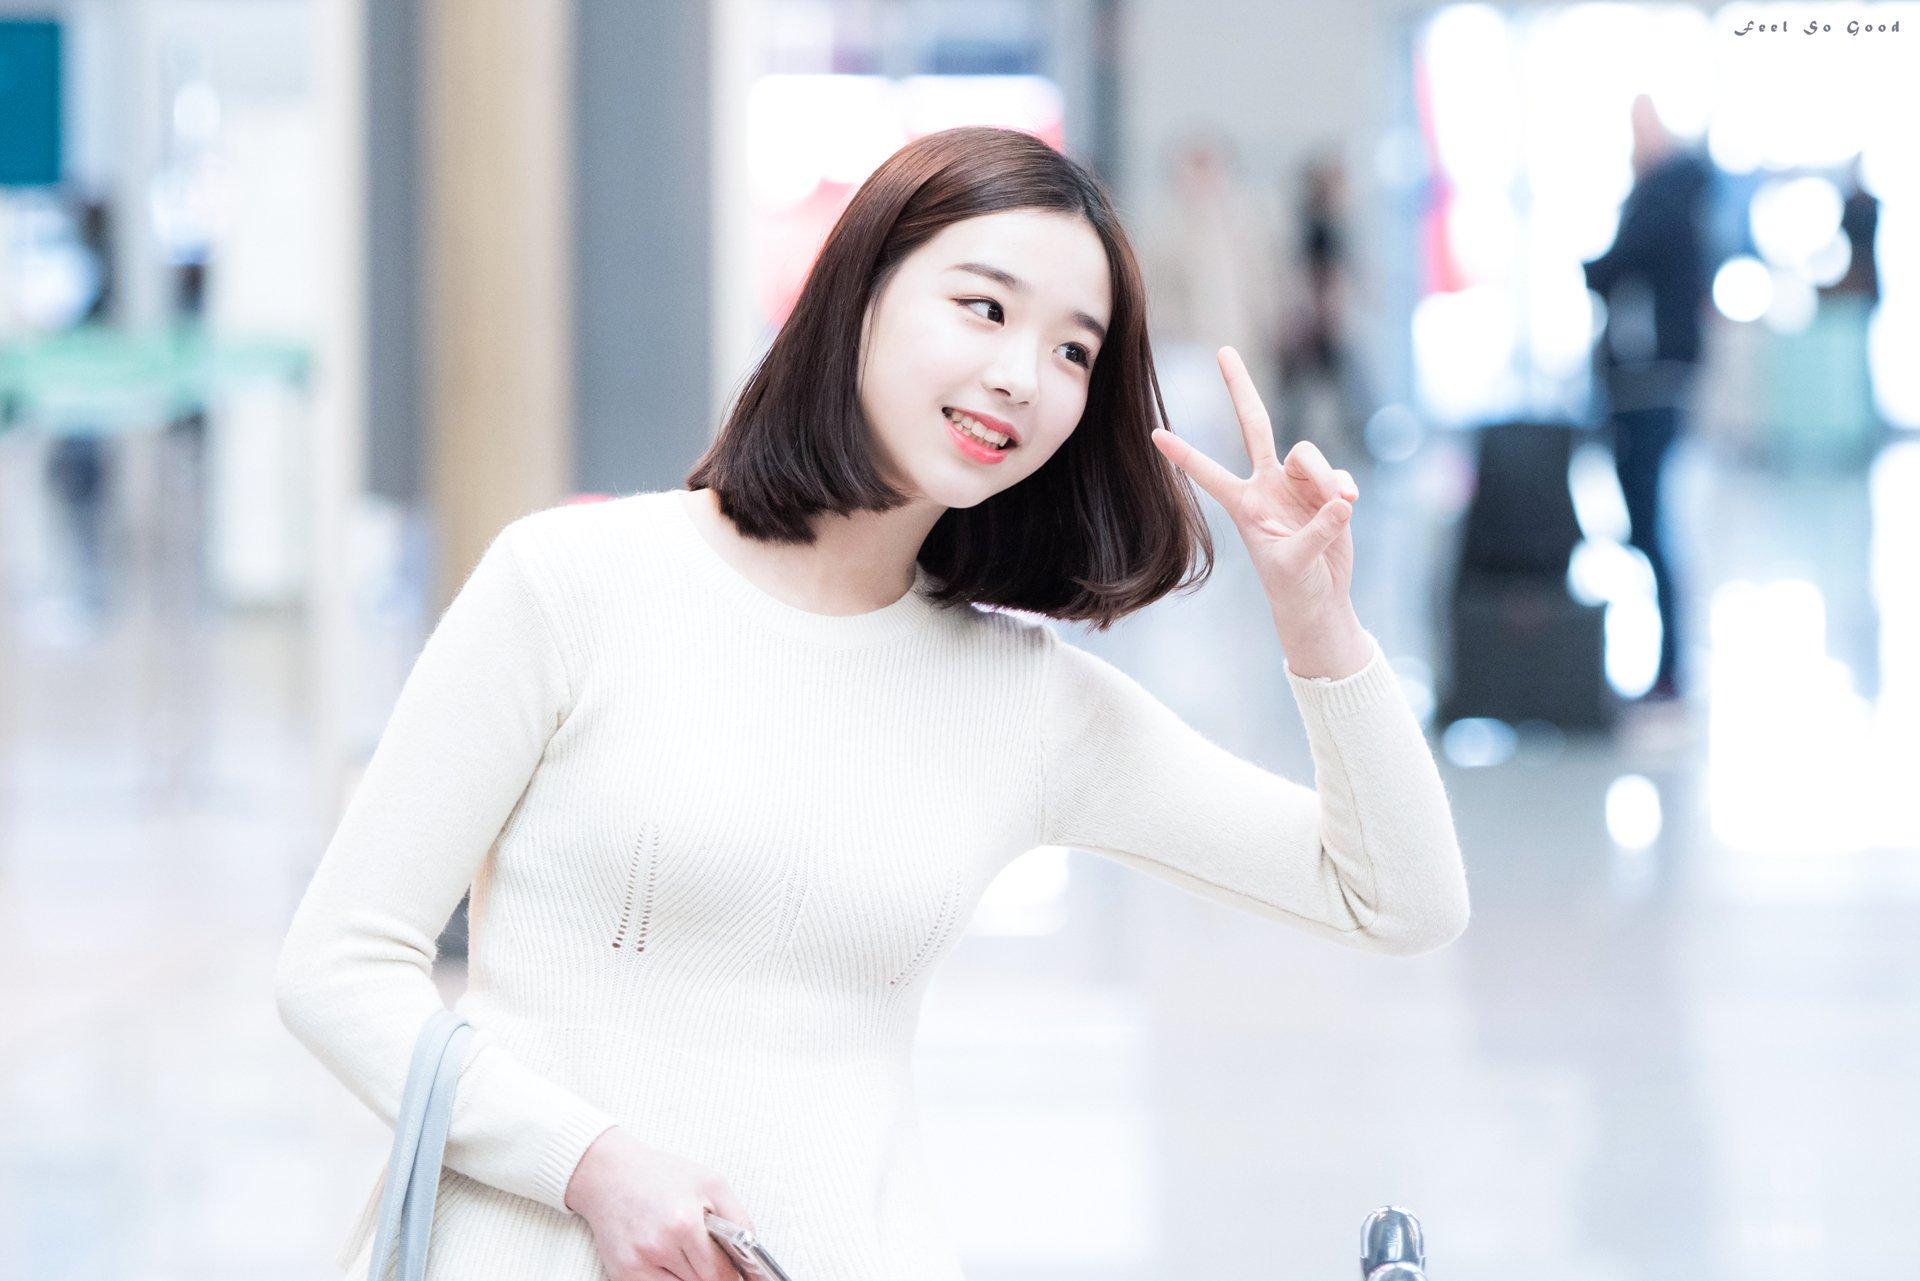 15歲的彩妍外表清純,被欺凌片段出街後,令粉絲十分憤怒。